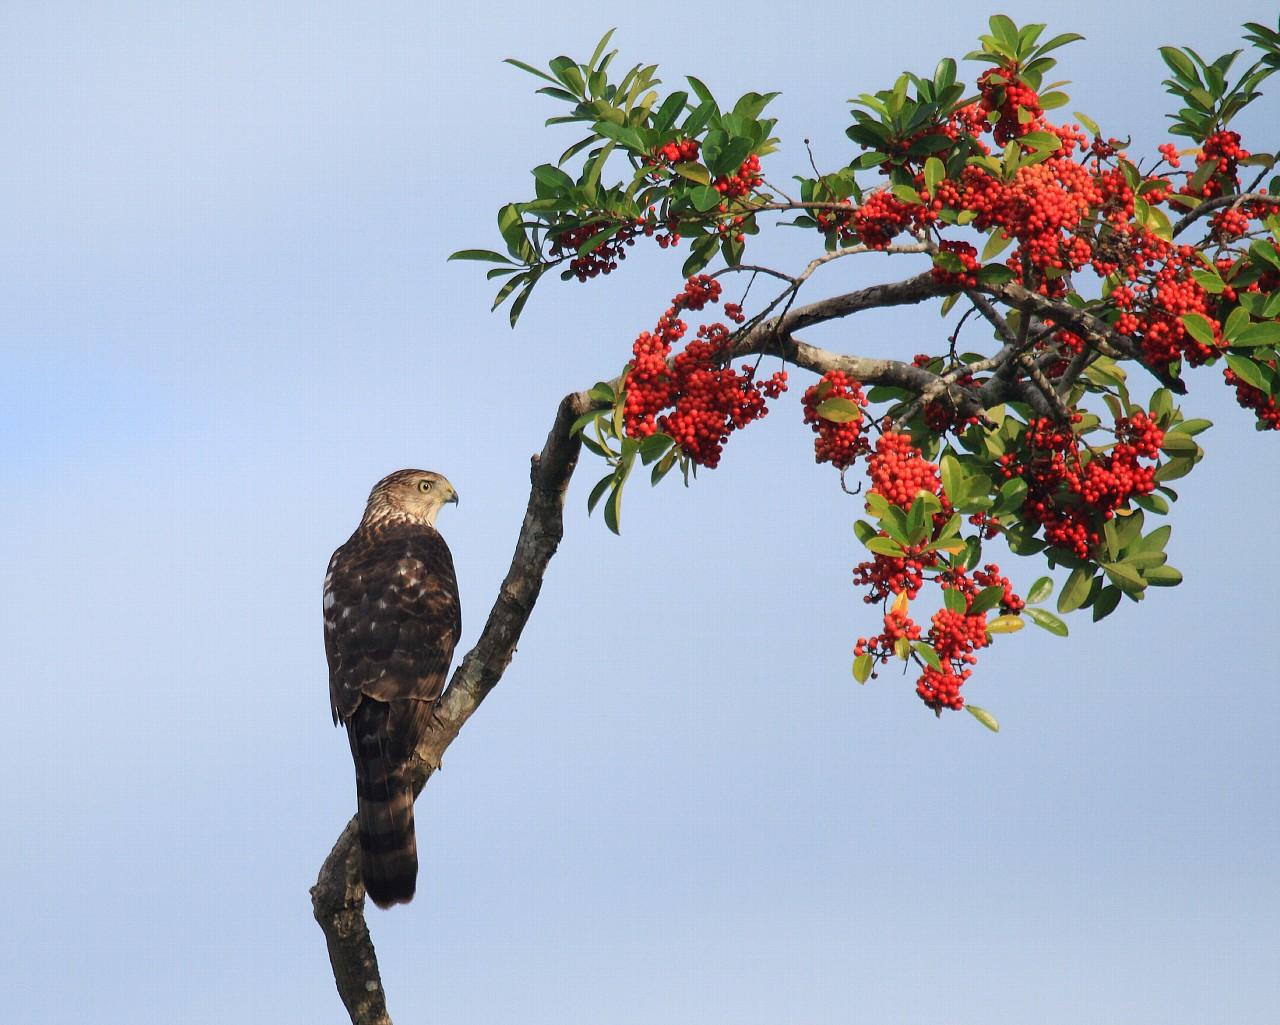 フロリダの野鳥その4: ハイタカ系の猛禽_f0105570_21374232.jpg